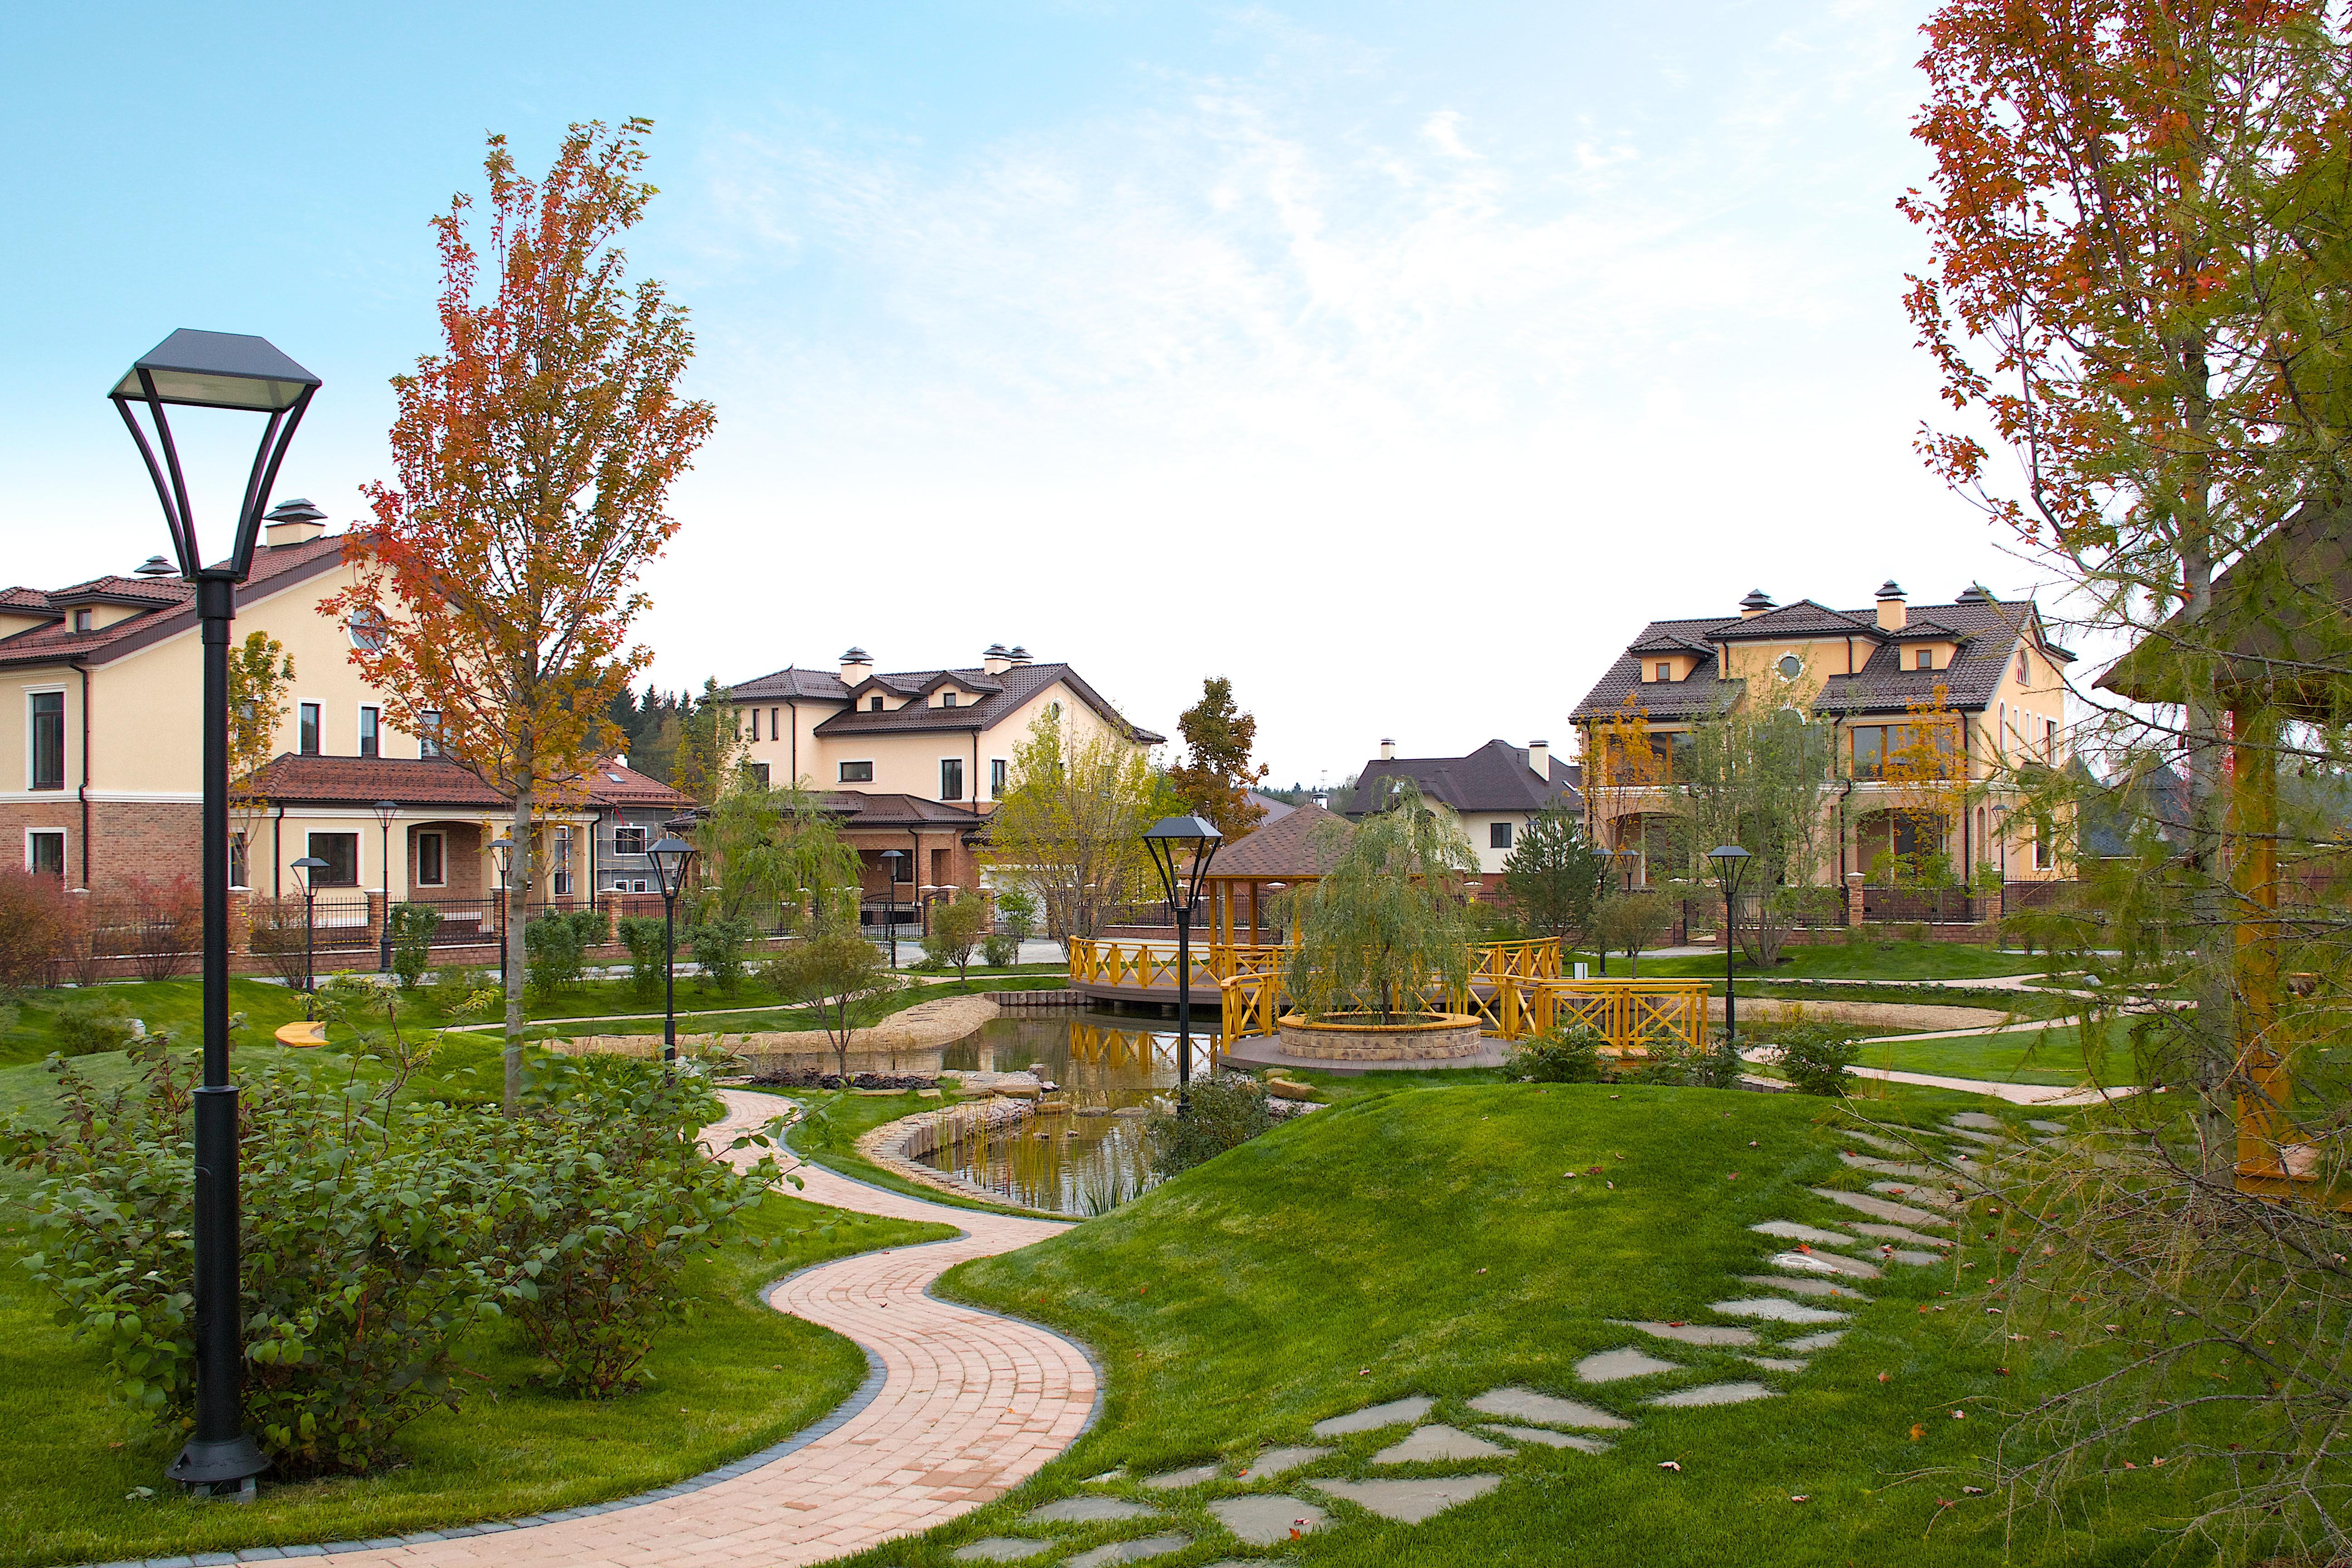 Покупатели из регионов привлекает загородная недвижимость Подмосковья